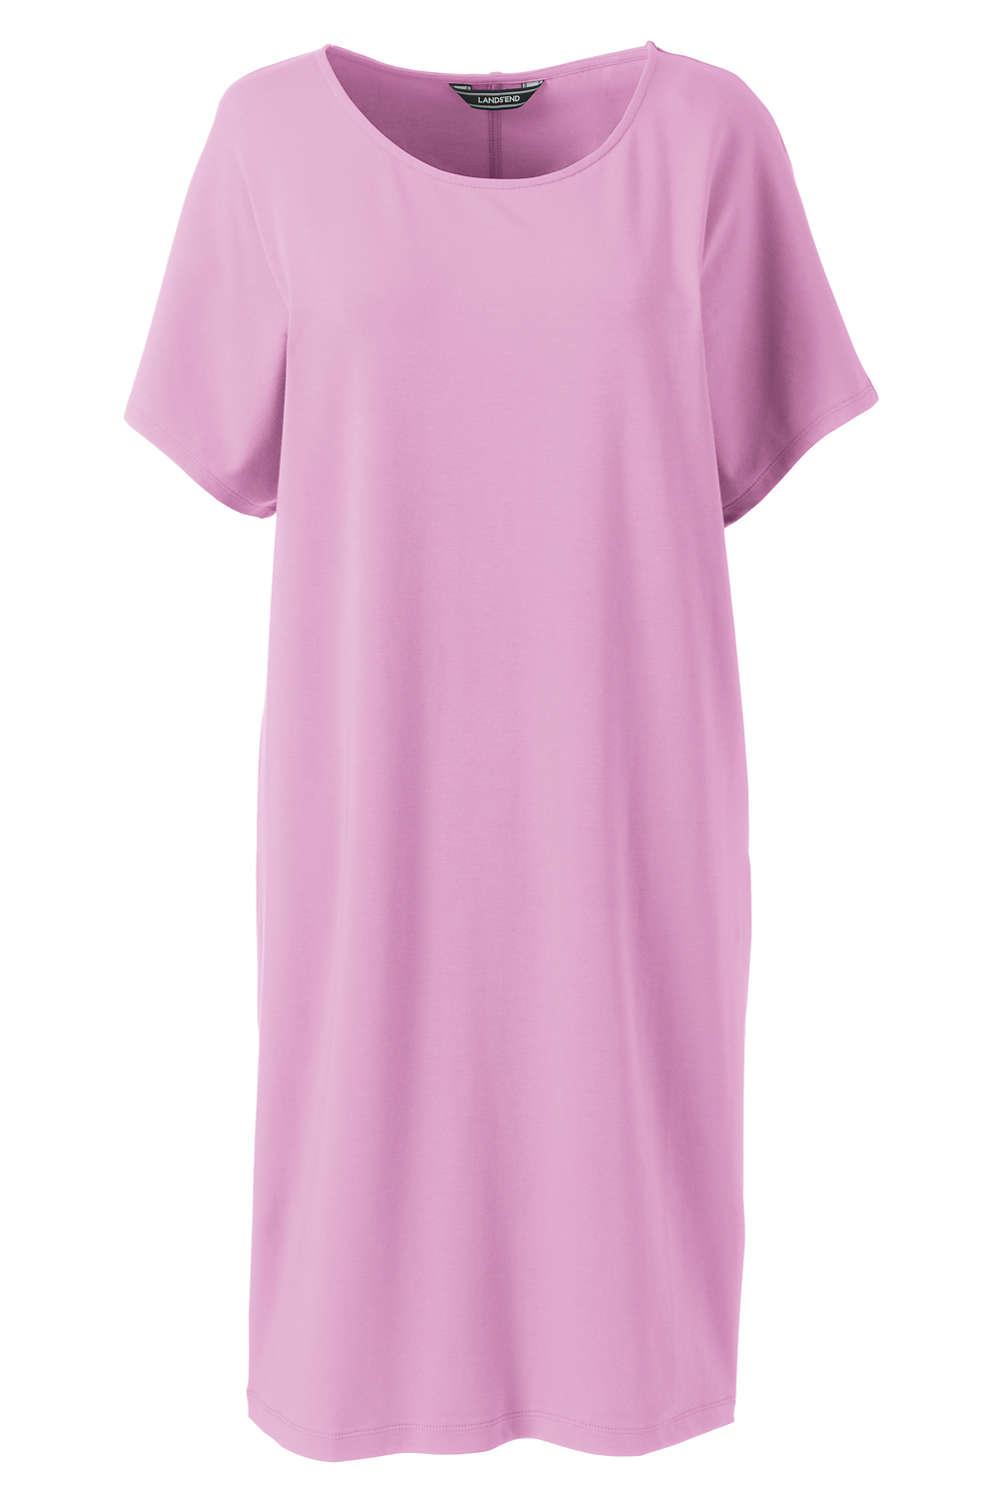 Womens Short Sleeve Knit Tee Shirt Dress From Lands End